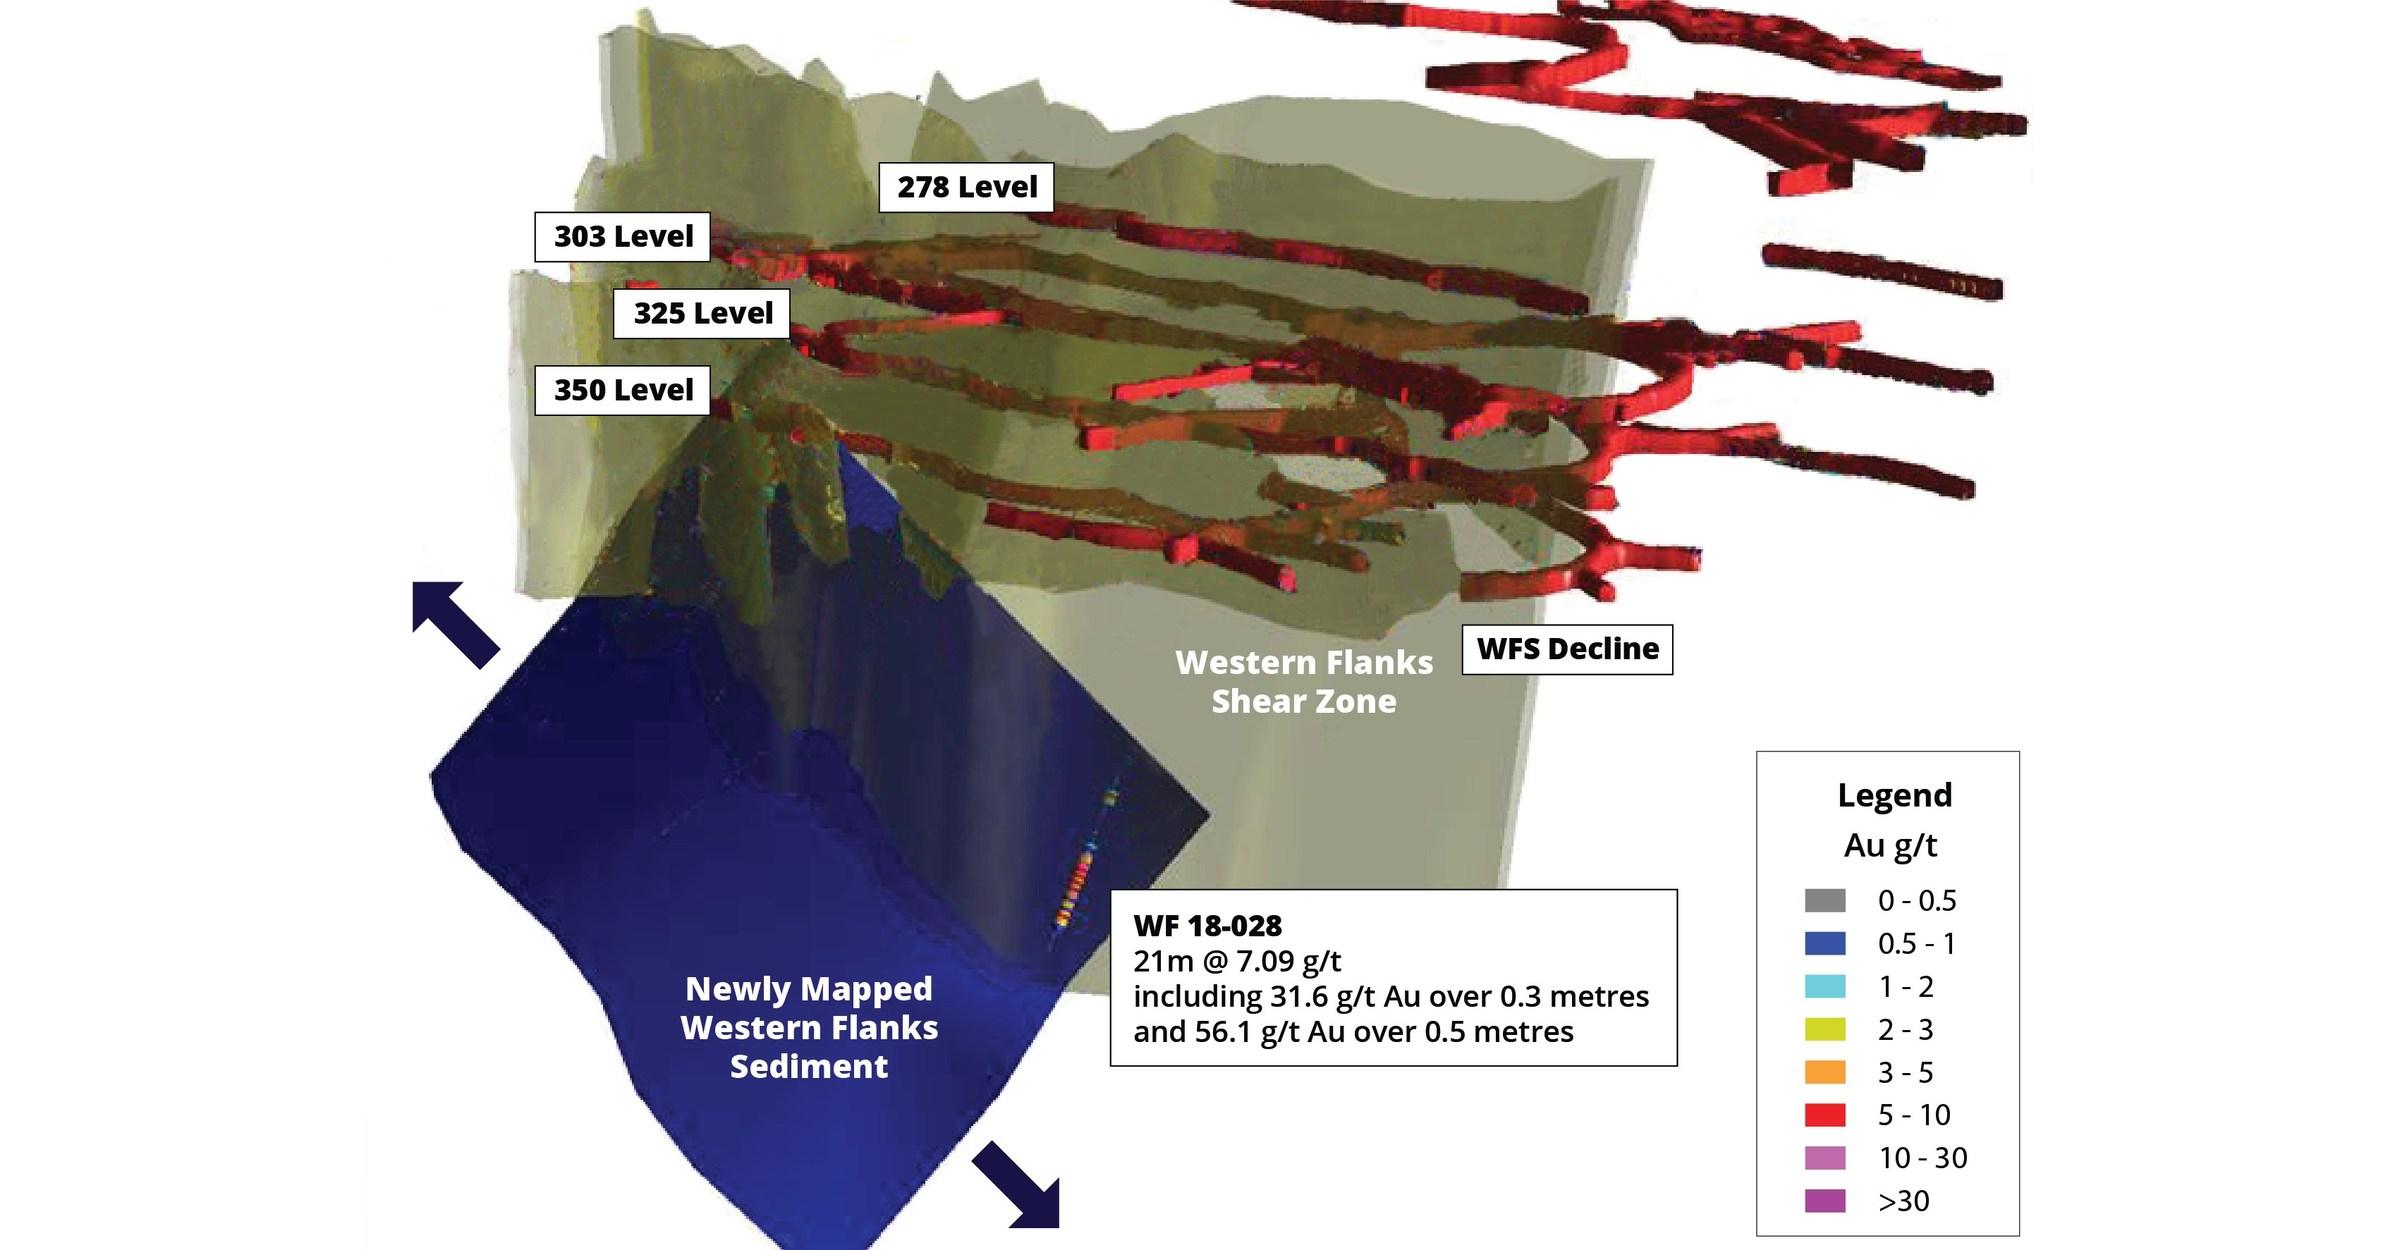 Rnc Minerals Aktie